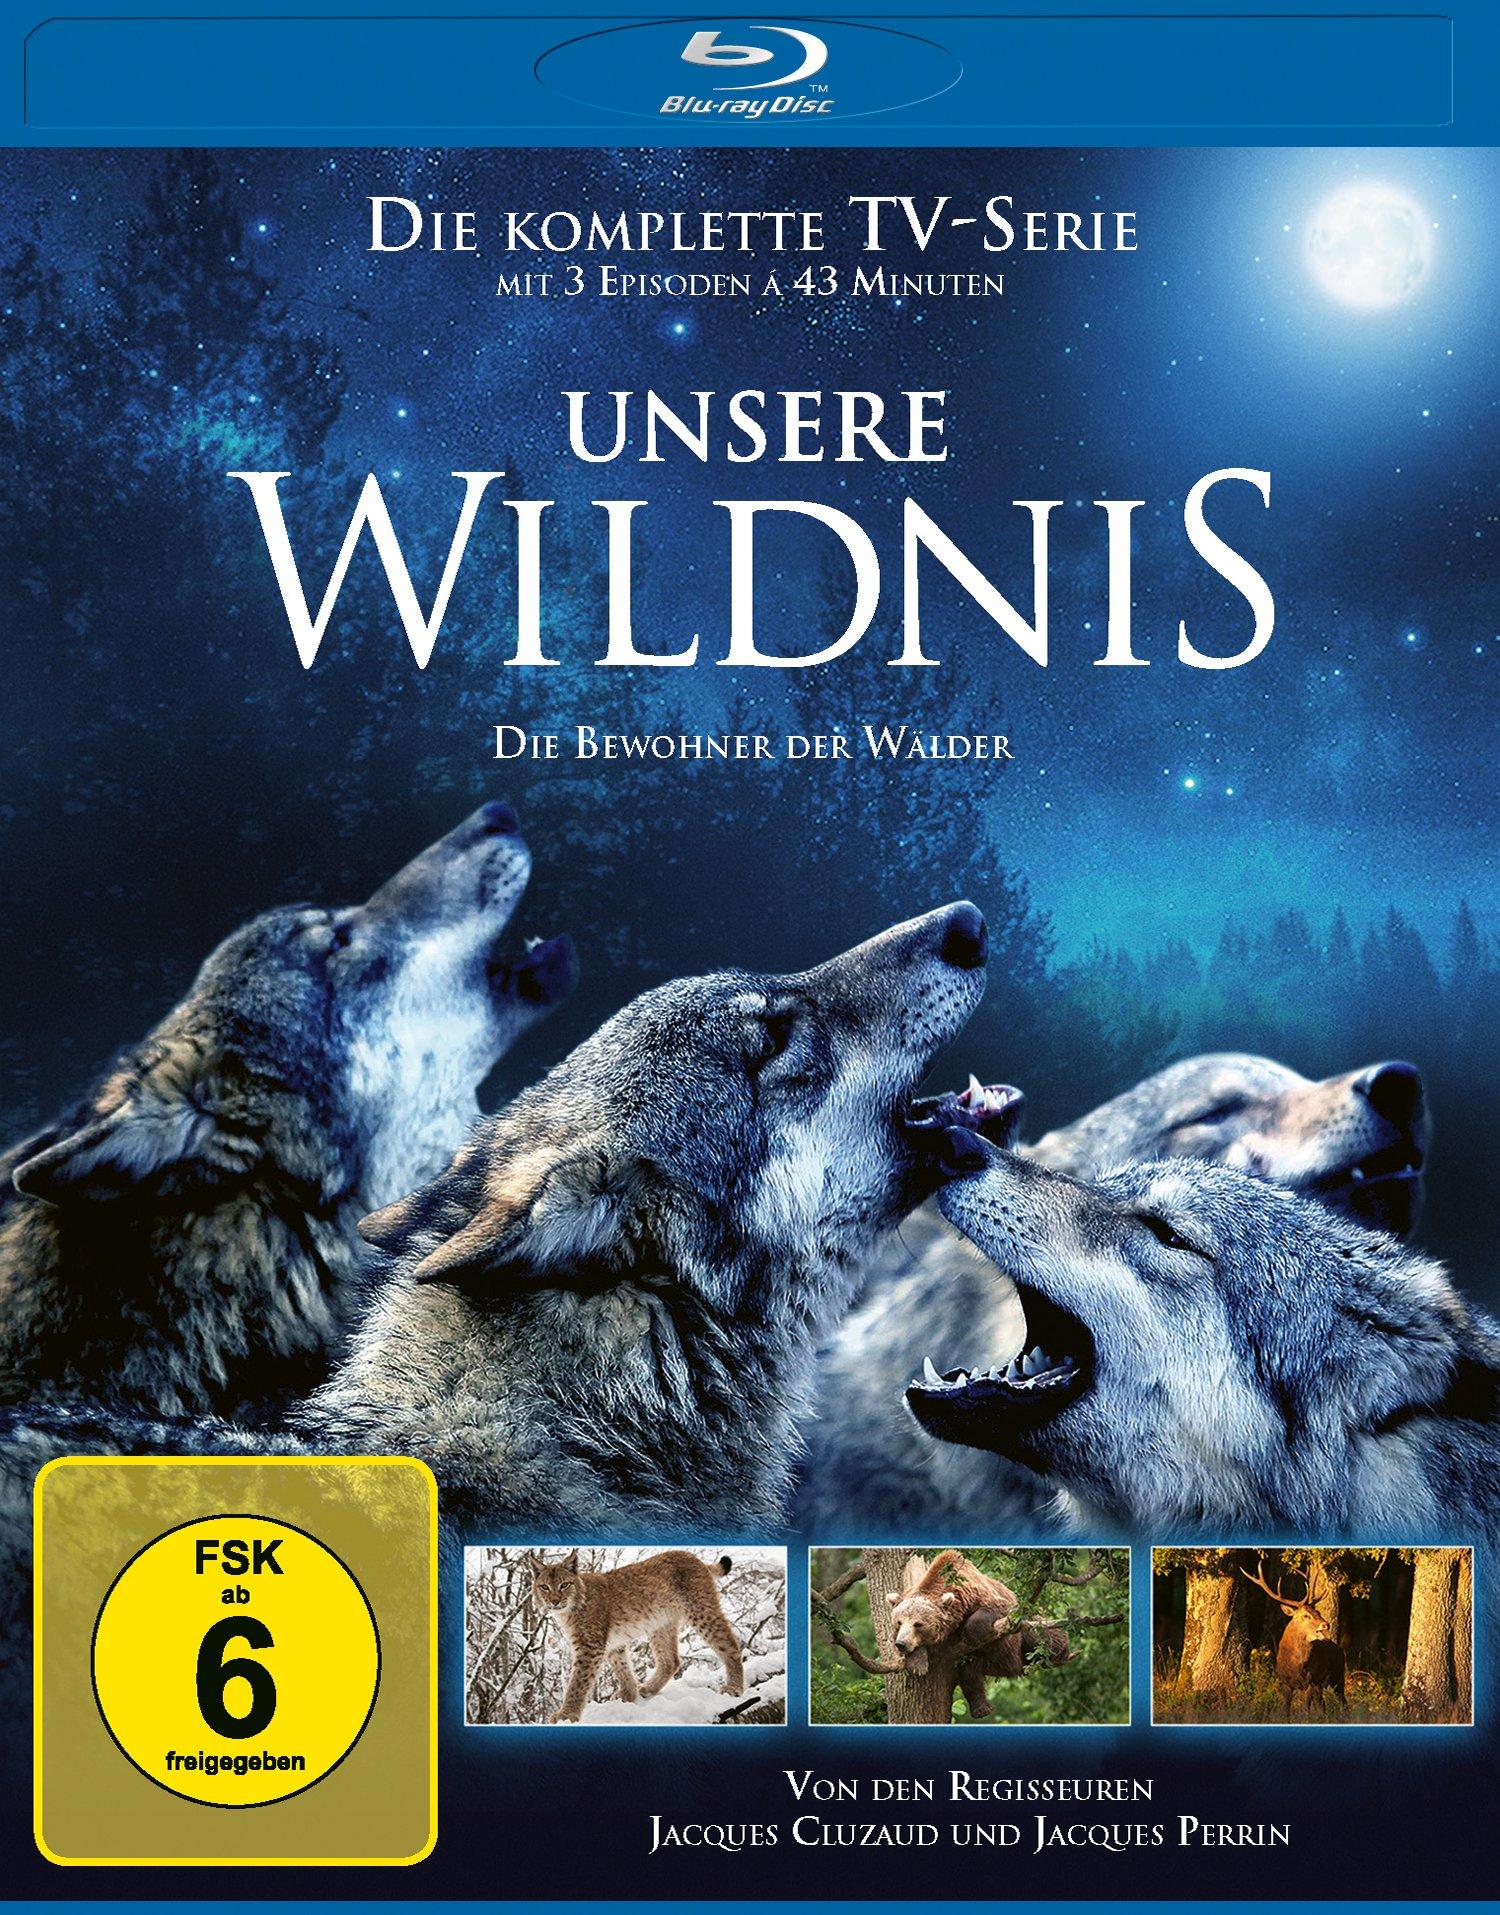 Unsere Wildnis - Die Bewohner der Wälder - Die komplette TV-Serie by Universum Film GmbH